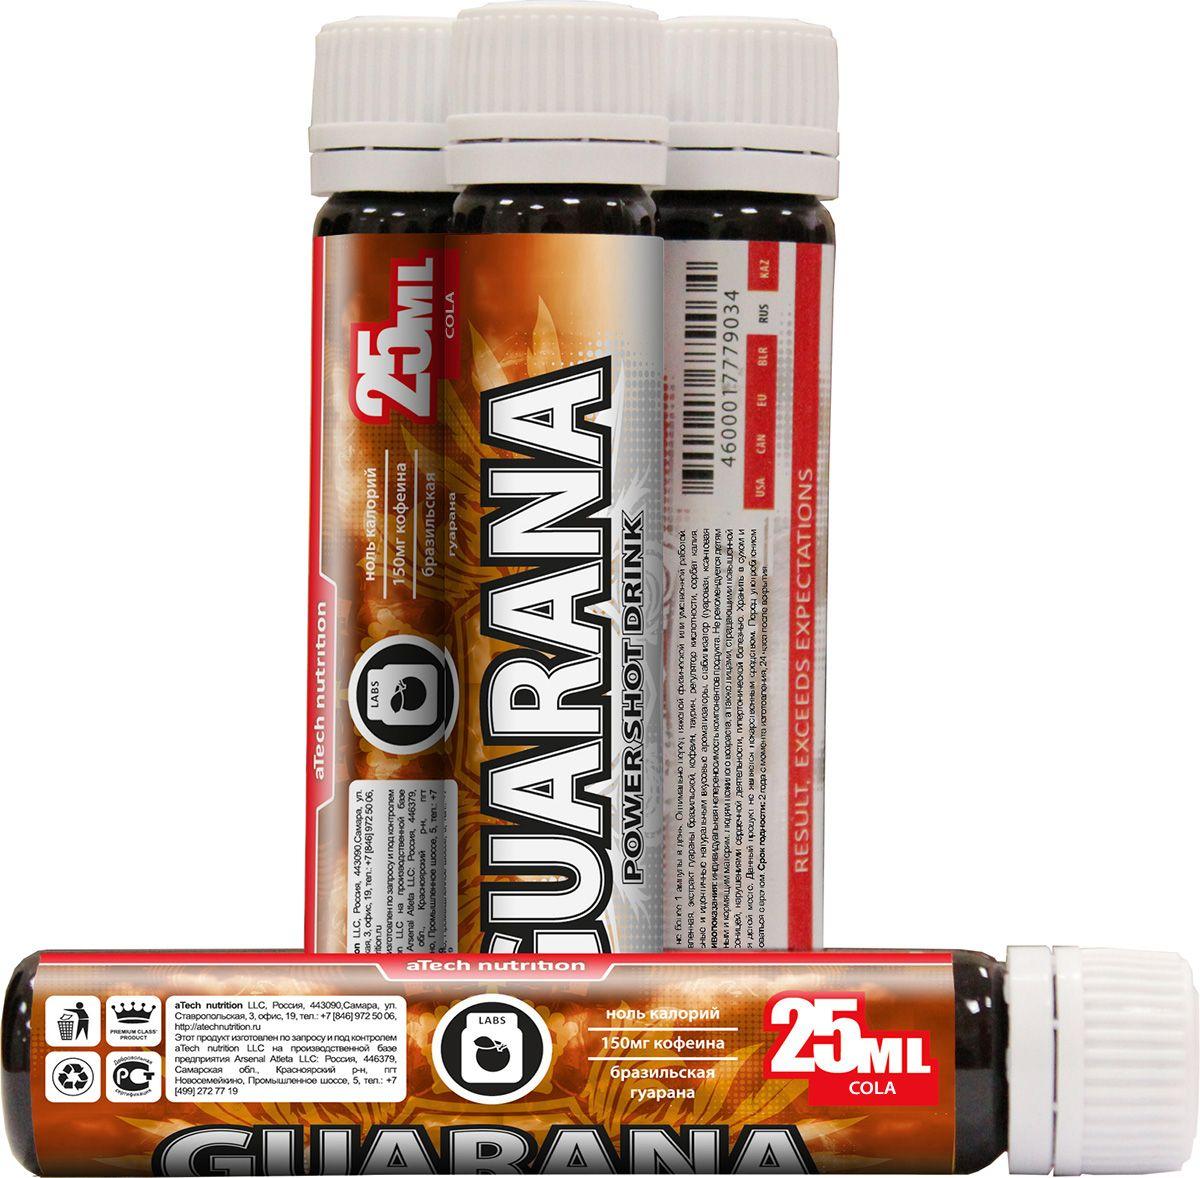 Энергетический напиток aTech Nutrition Guarana Power Shot Drink, кола, 25 мл4630019671142Мощный энергетический комплекс «Short drink» от aTech Nutrition в удобной упаковке по 25мл. Одна ампула содержит 150мг Кофеина, в том числе из Гуараны бразильской . Guarana Power shot drink от aTech nutrition в жидкой форме, на основе Гуараны Бразильской и Таурина позволит Вам тренироваться с полной отдачей! В ее состав входит экстракт Гуараны Бразильской – натуральный источник связанного кофеина. В отличии от синтетического кофеина, натуральный кофеин усваивается плавно и не вызывает резкого подъема давления, перевозбуждения, усиленного сердцебиения. Так же в плодах Гуараны Бразильской, в отличие от синтетической, содержатся дубильные вещества, сапонины, амид, цинк, натрий, марганец, магний, теобромин, теофиллин, витамины PP, E, B1, B2, A. Входящий в состав продукта Таурин усиливает действие Гуараны, а так же способствует улучшению кровообращения и метаболизму сердца, благотворно влияет на сосуды, костную ткань, улучшает память, зрение, укрепляет иммунитет. Принимая Guarana от...